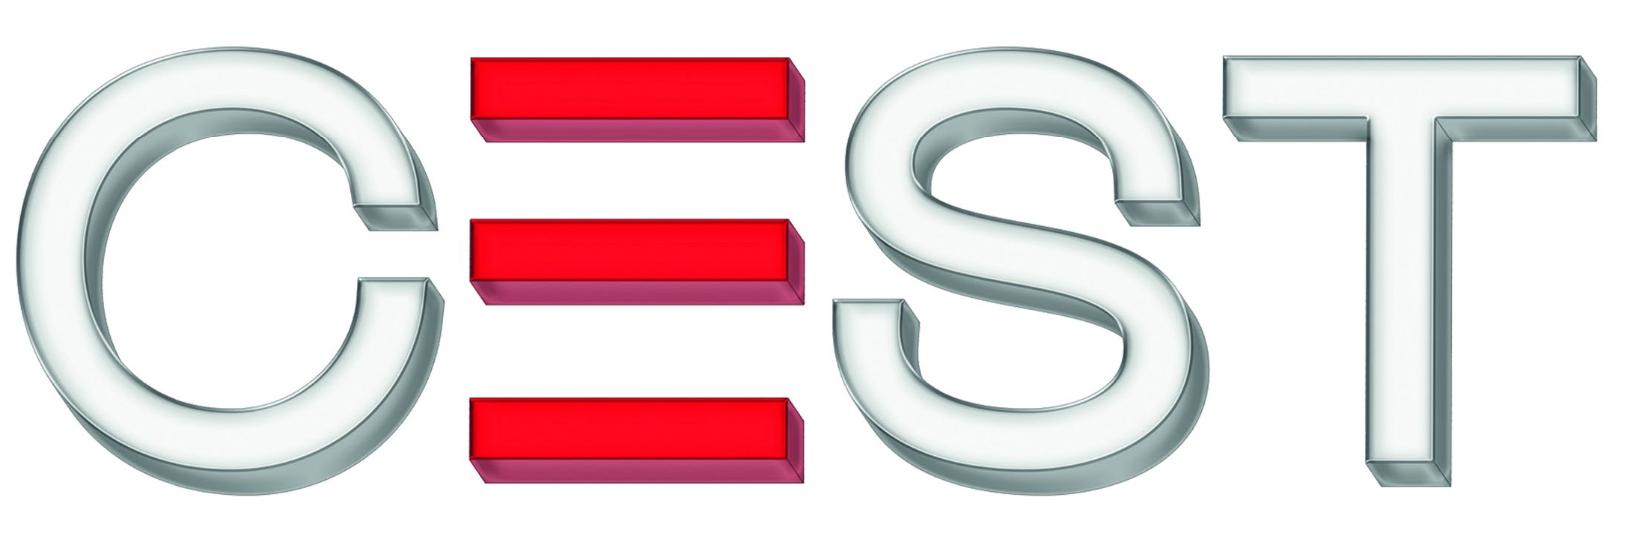 Senior Researcher - CEST Kompetenzzentrum für elektrochem. Oberflächentechnologie GmbH - Logo